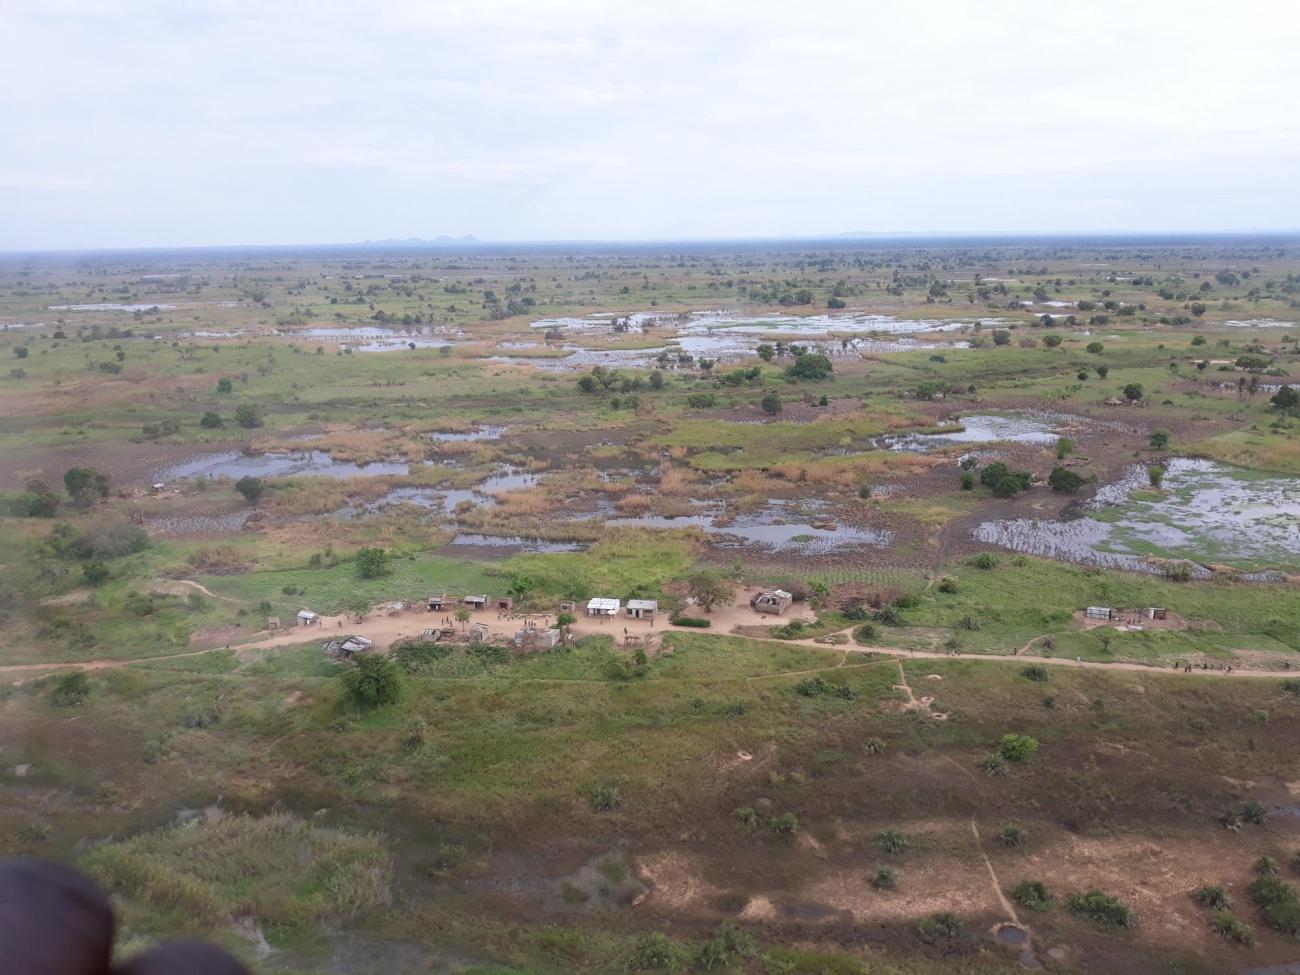 Une équipeMSF survoleNhampocaafin d'évaluer les besoins des villages encore isolés.  © Ana Nery/MSF